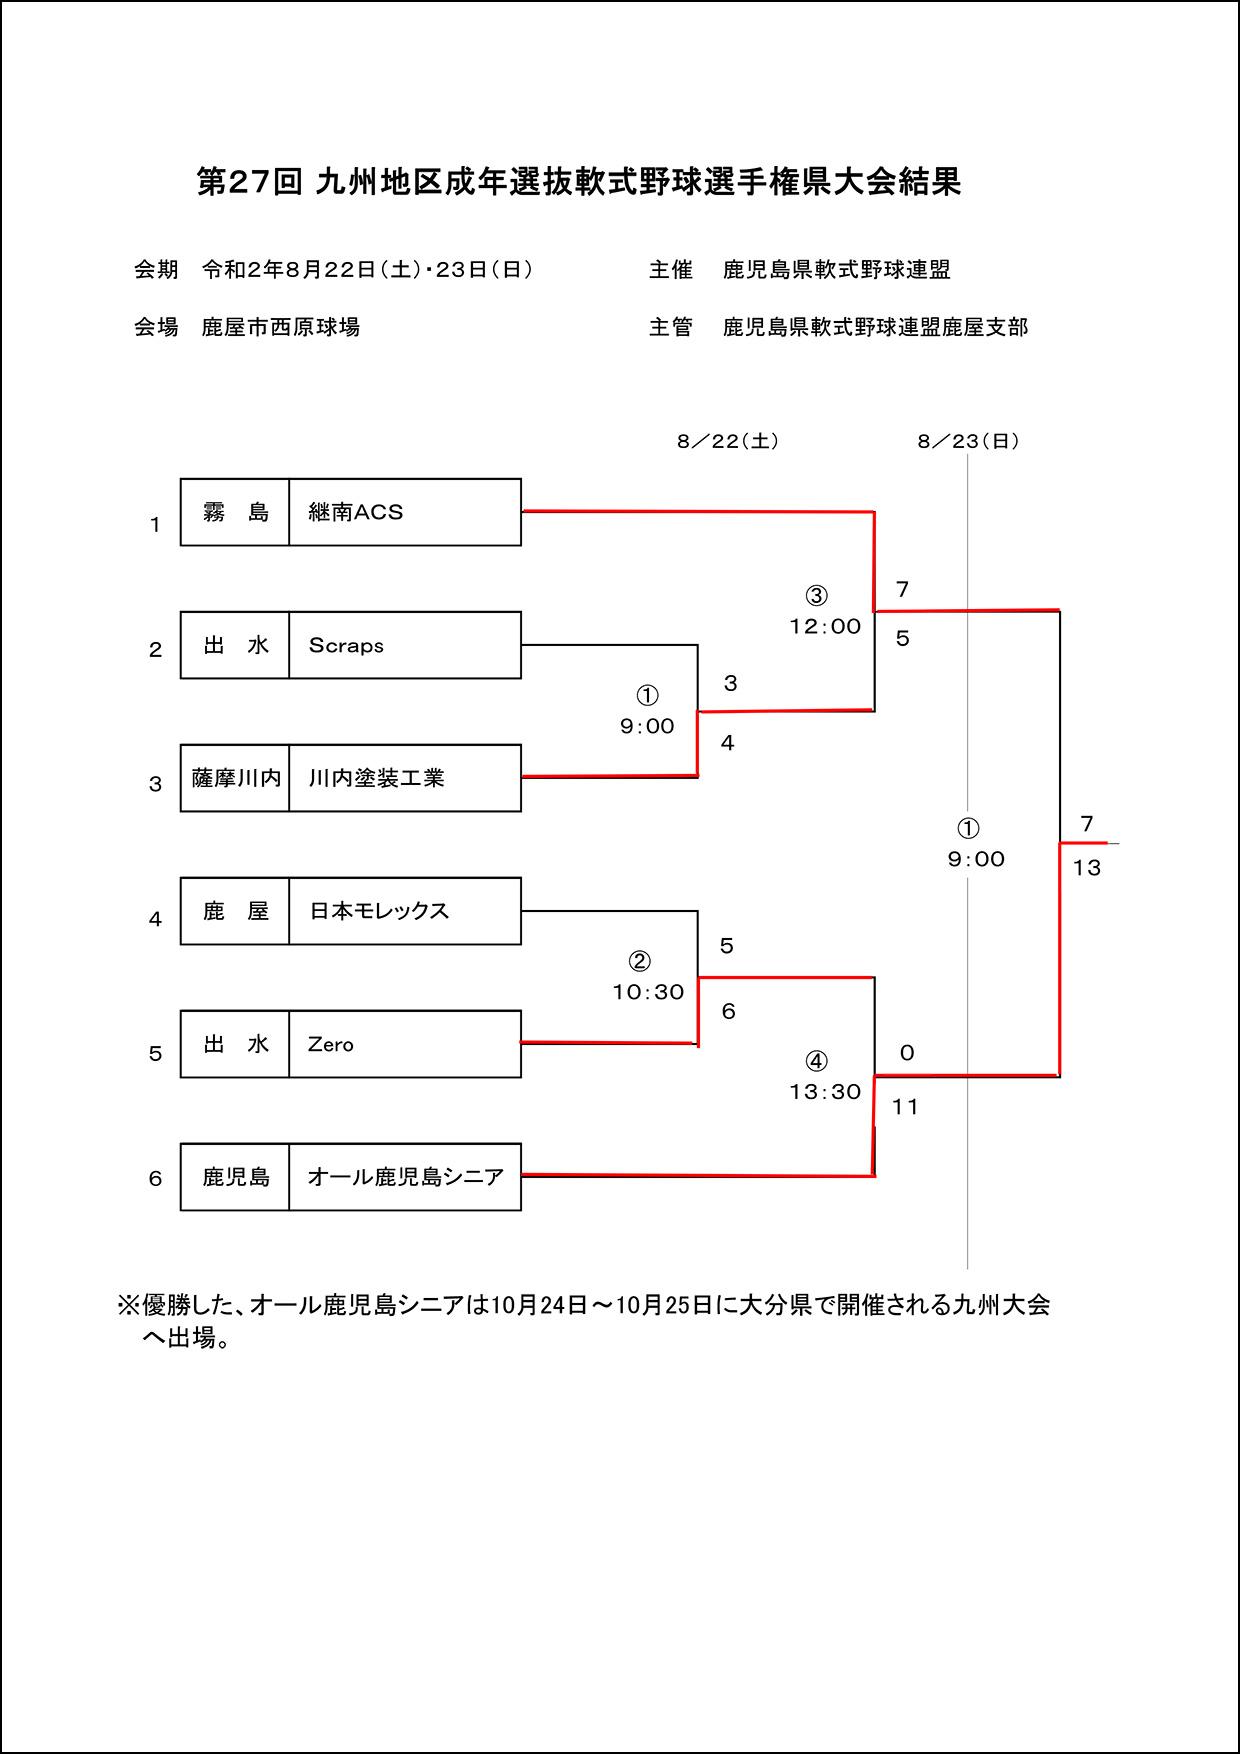 【結果】第27回 九州地区成年選抜軟式野球選手権県大会